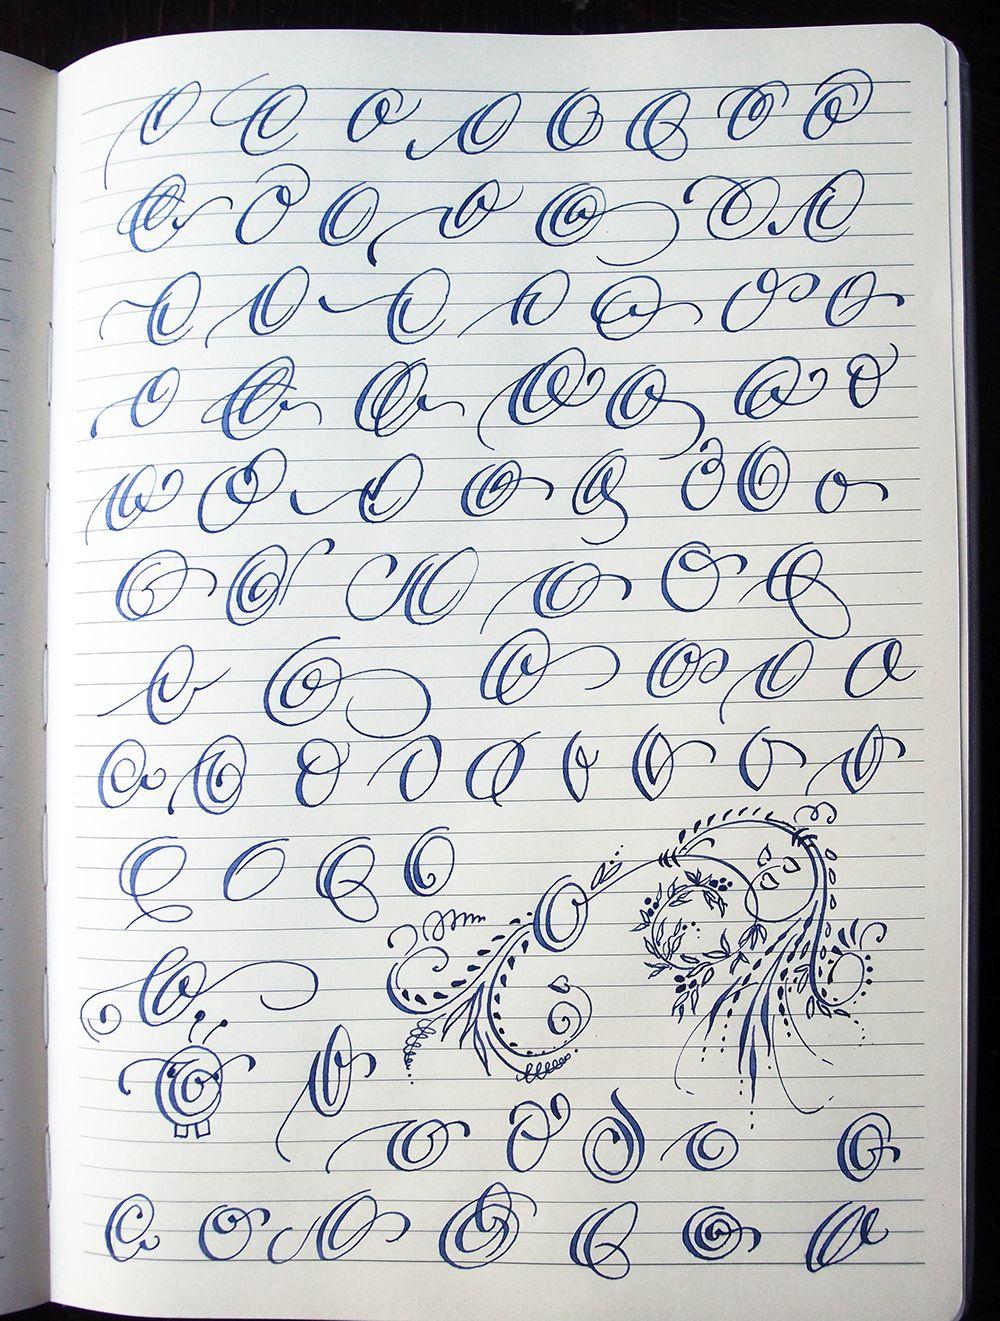 Calligraphy Cursive Capital Letters : calligraphy, cursive, capital, letters, Capital, Letters, Behance, Lettering, Alphabet, Fonts,